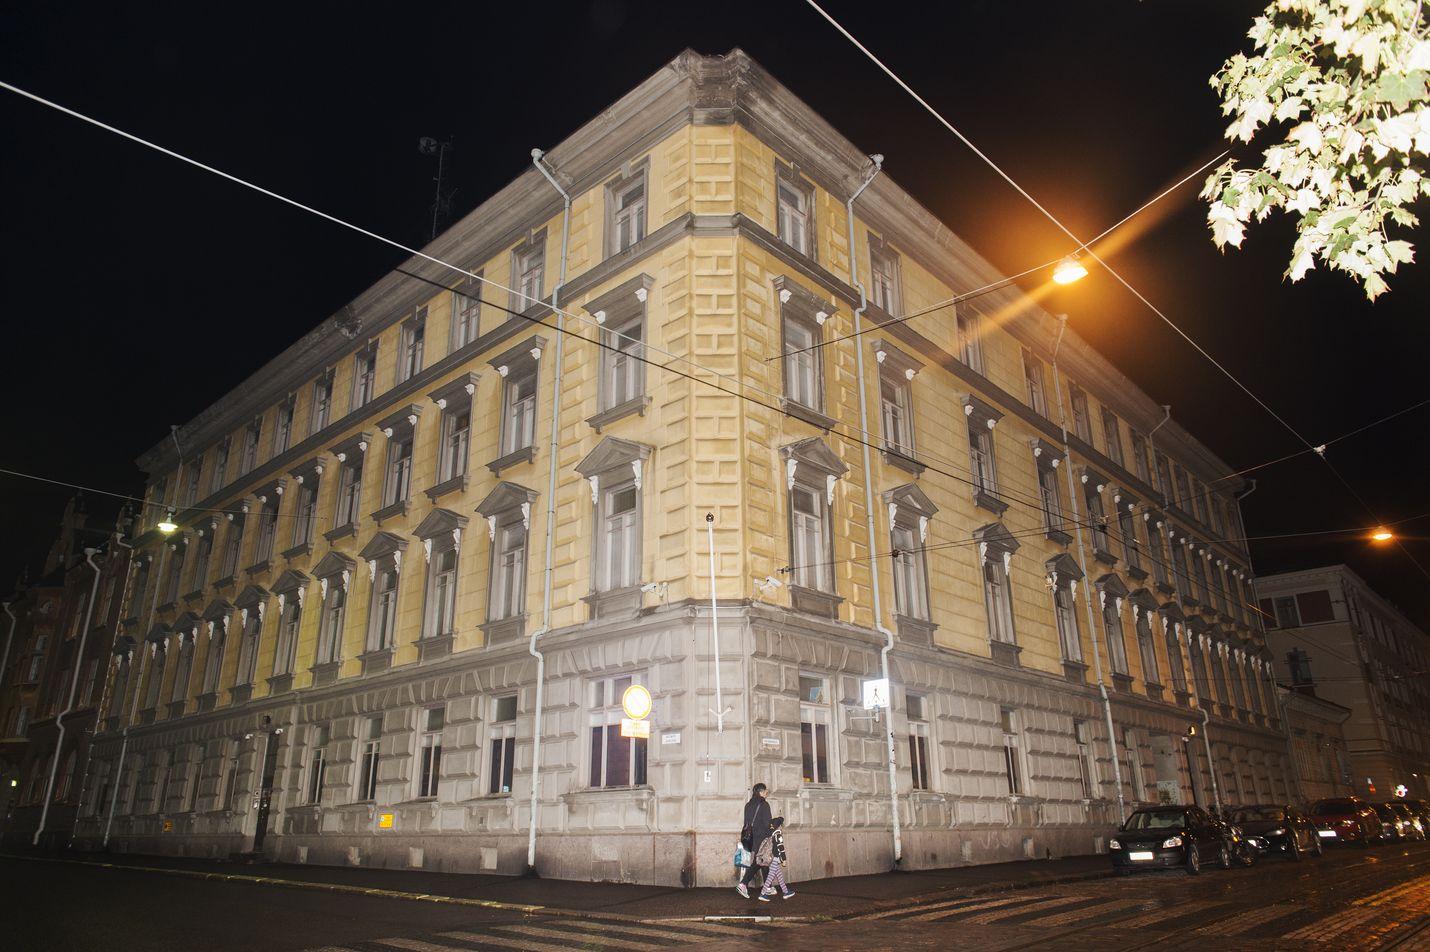 Suojelupoliisin (supon) toimitilat sijaitsevat Helsingissä. Supo sai tiedustelutoimintaan uusia valtuuksia 1. kesäkuuta alkaen.